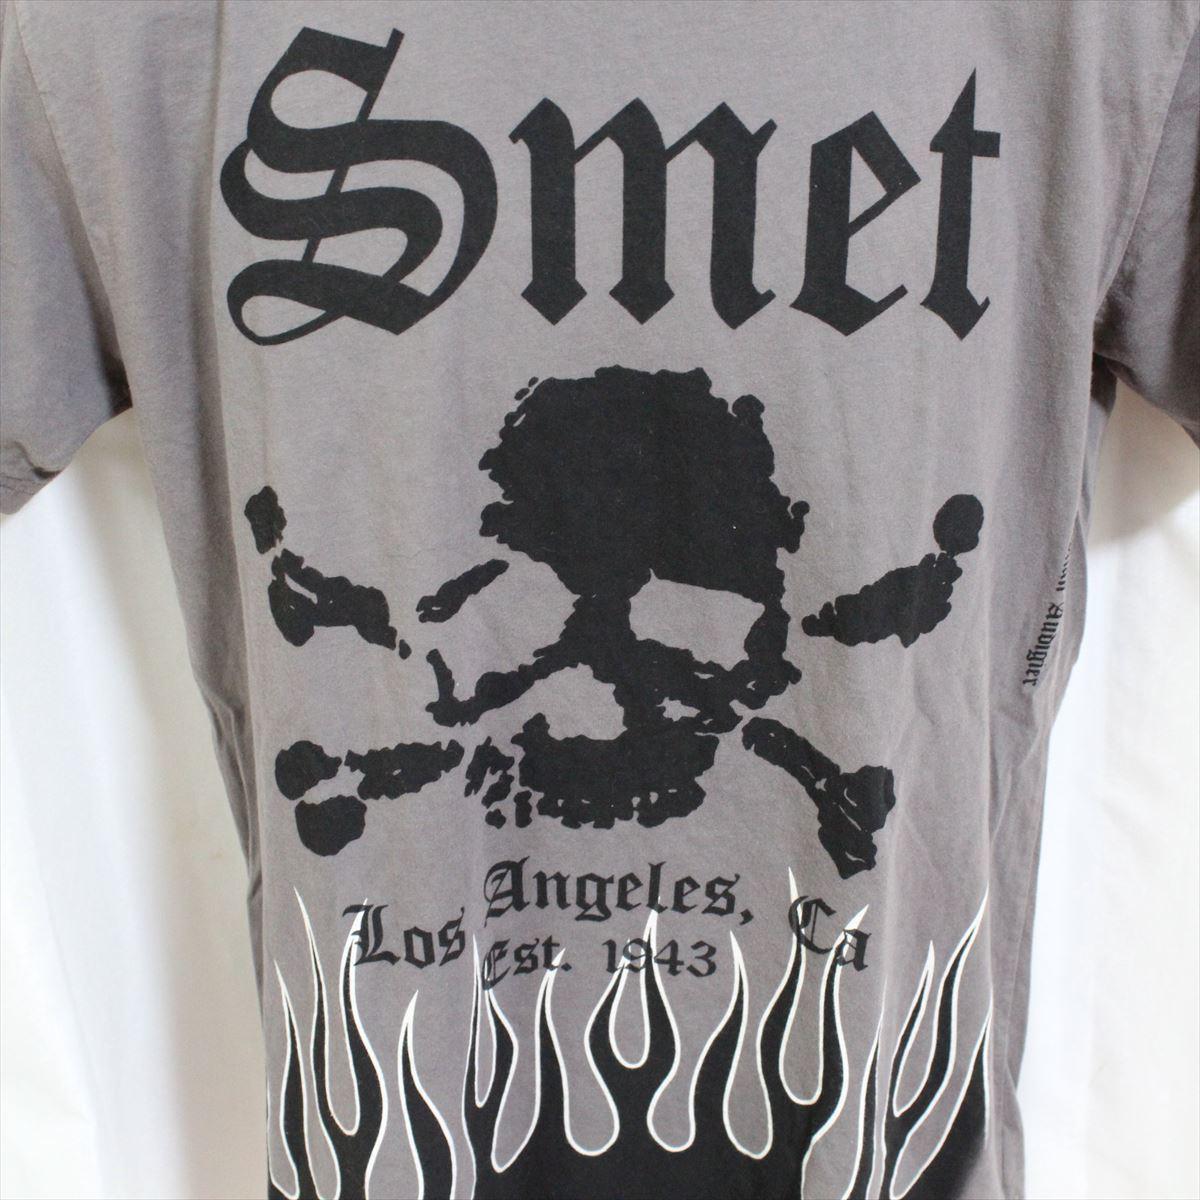 スメット SMET メンズ半袖Tシャツ グレー Mサイズ NO1 新品_画像2